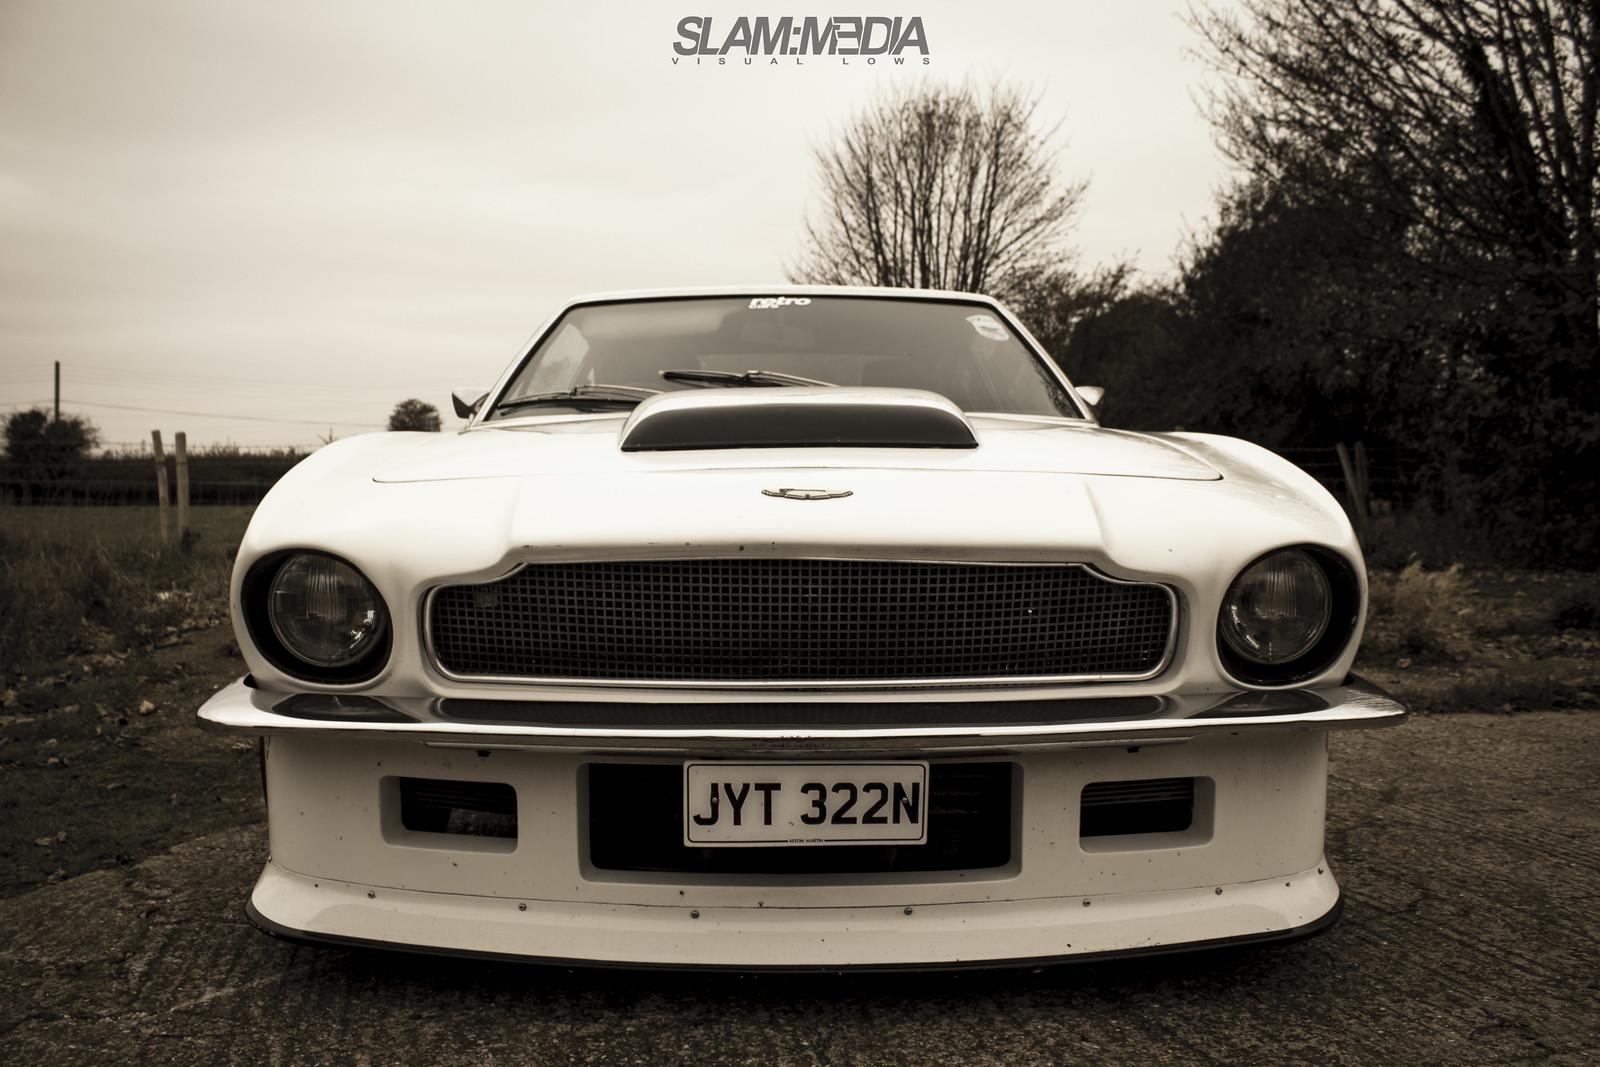 The Amazo Effect Aston Martin V8 Vantage The Mistress